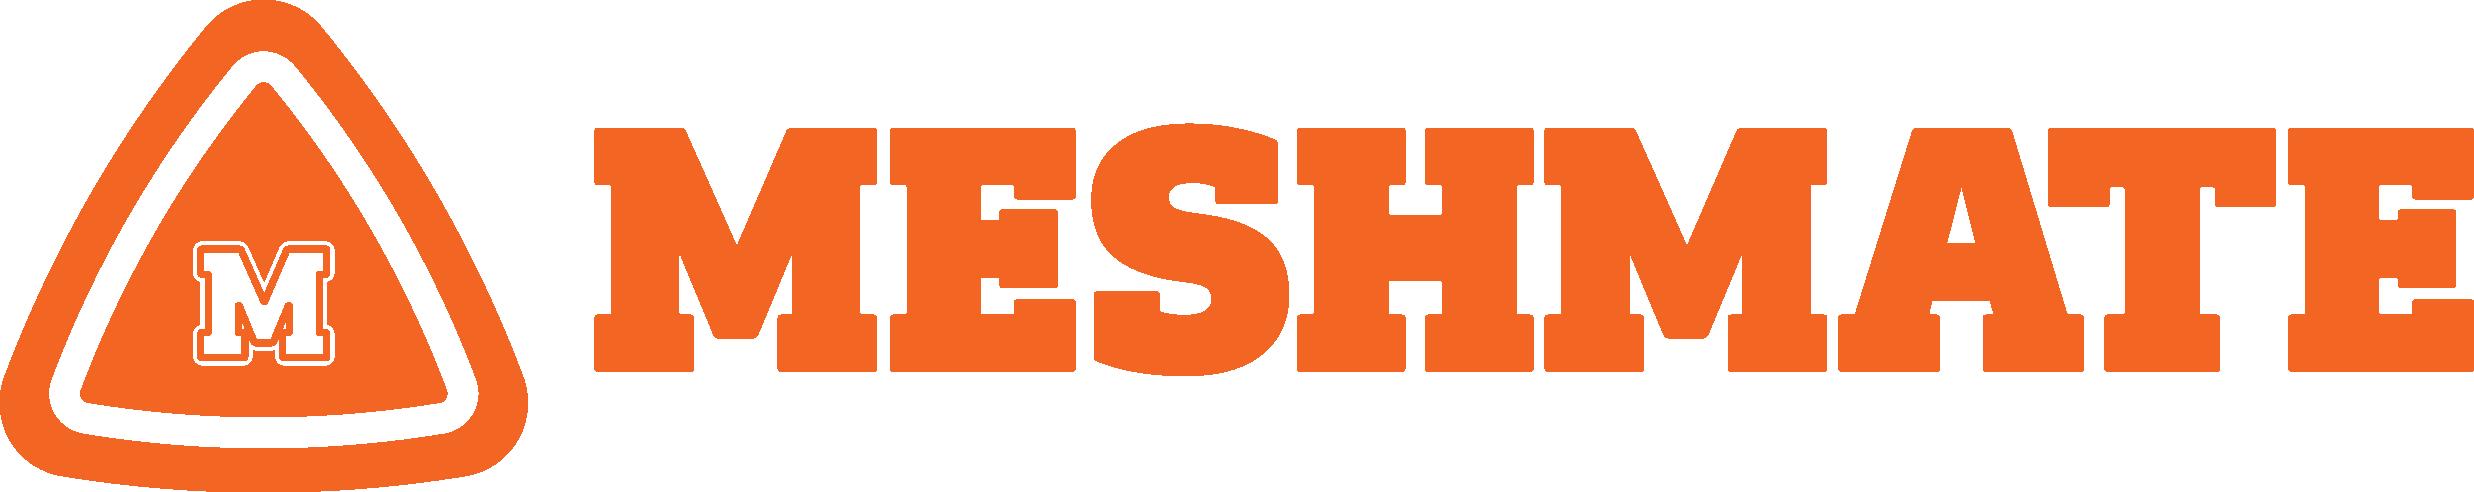 MeshMate